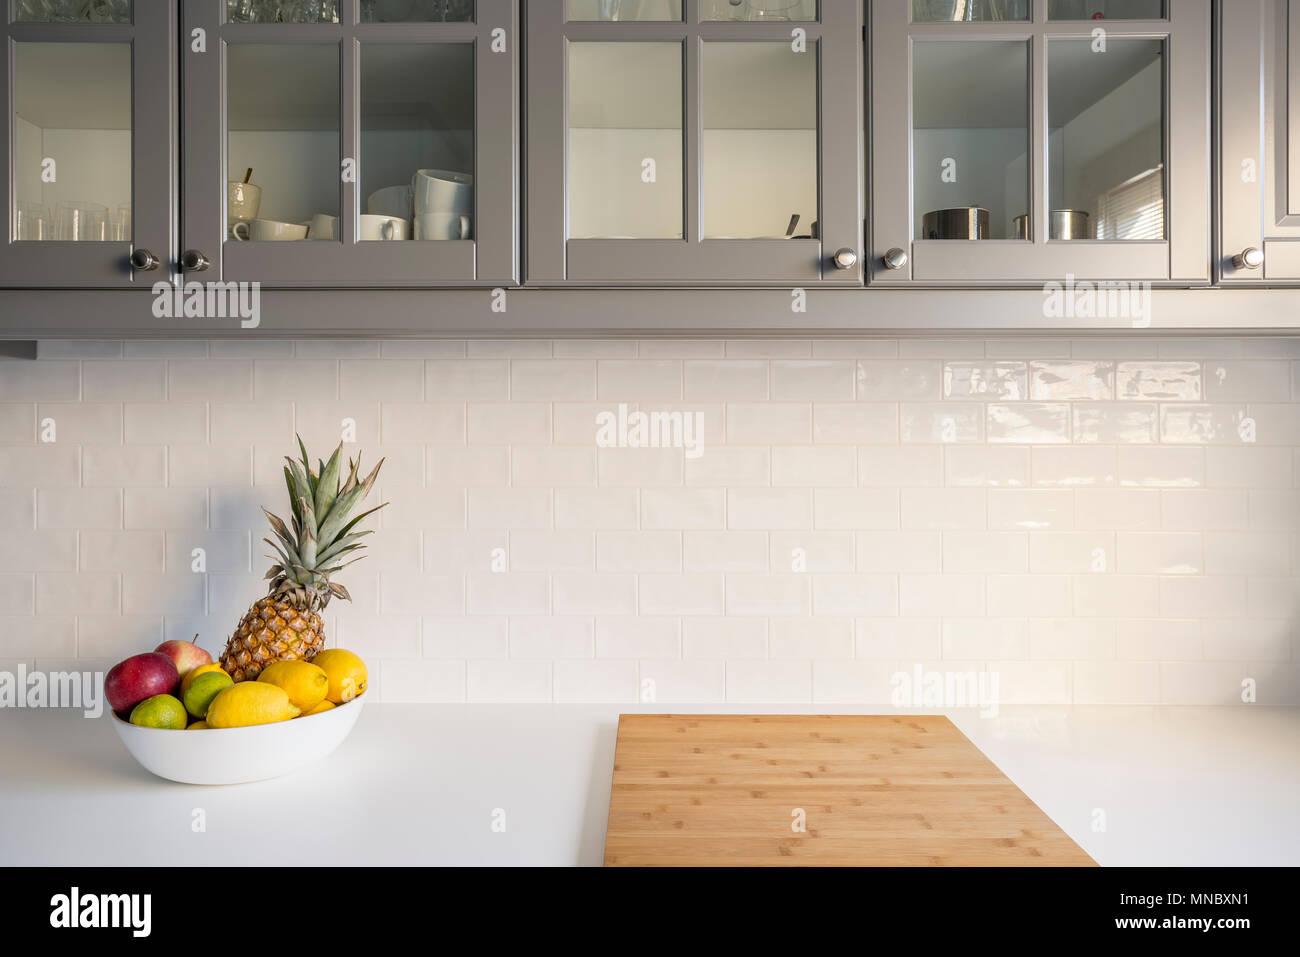 Cucina con piano bianco grigio mobili di mattoni e piastrelle